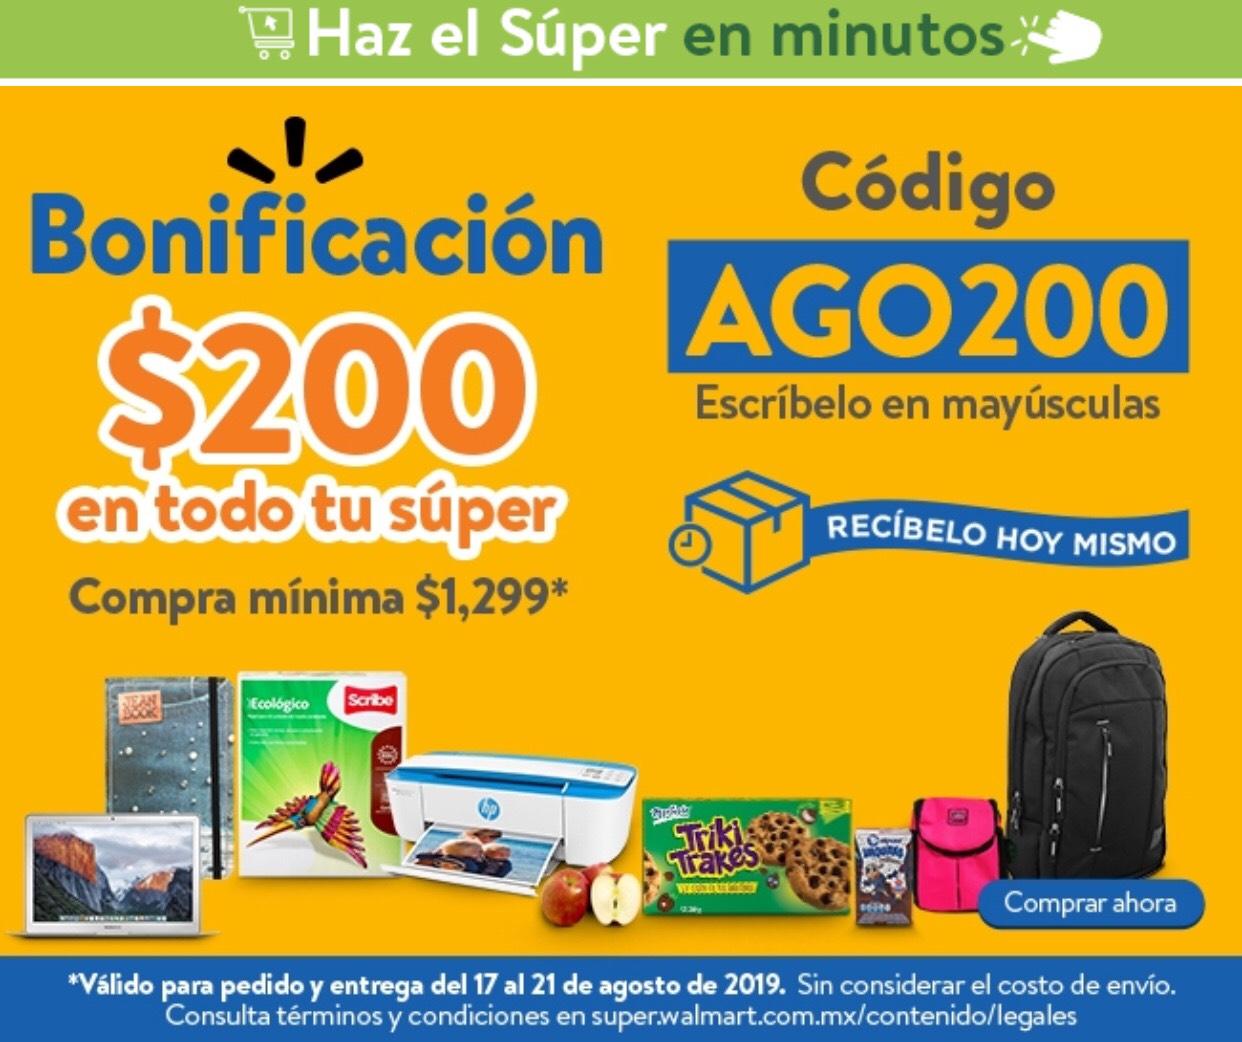 Walmart Súper: 200 de Bonificación, Compra mínima de $1,299